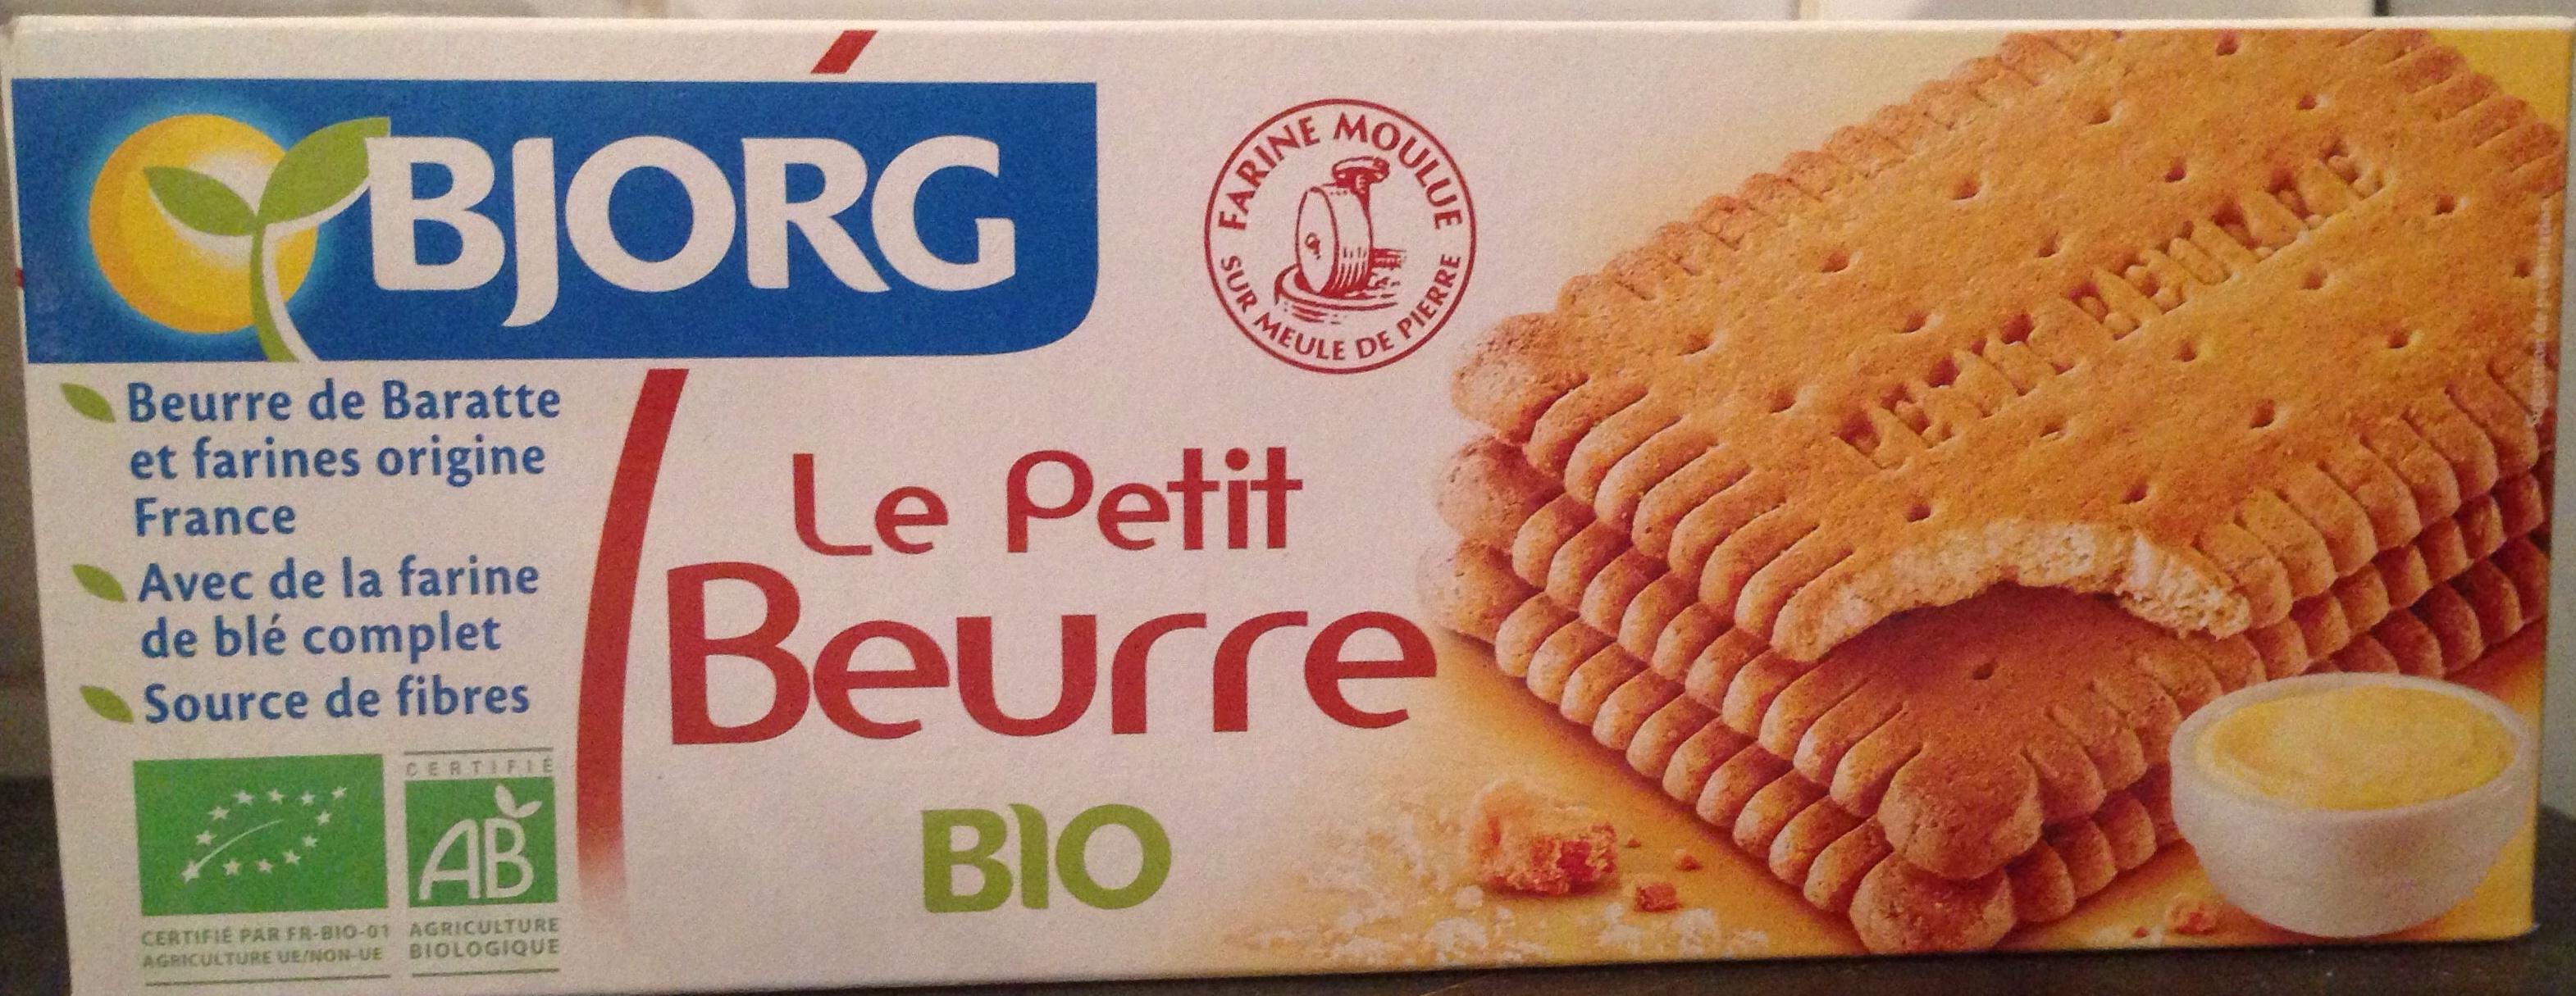 Le petit beurre - Product - fr